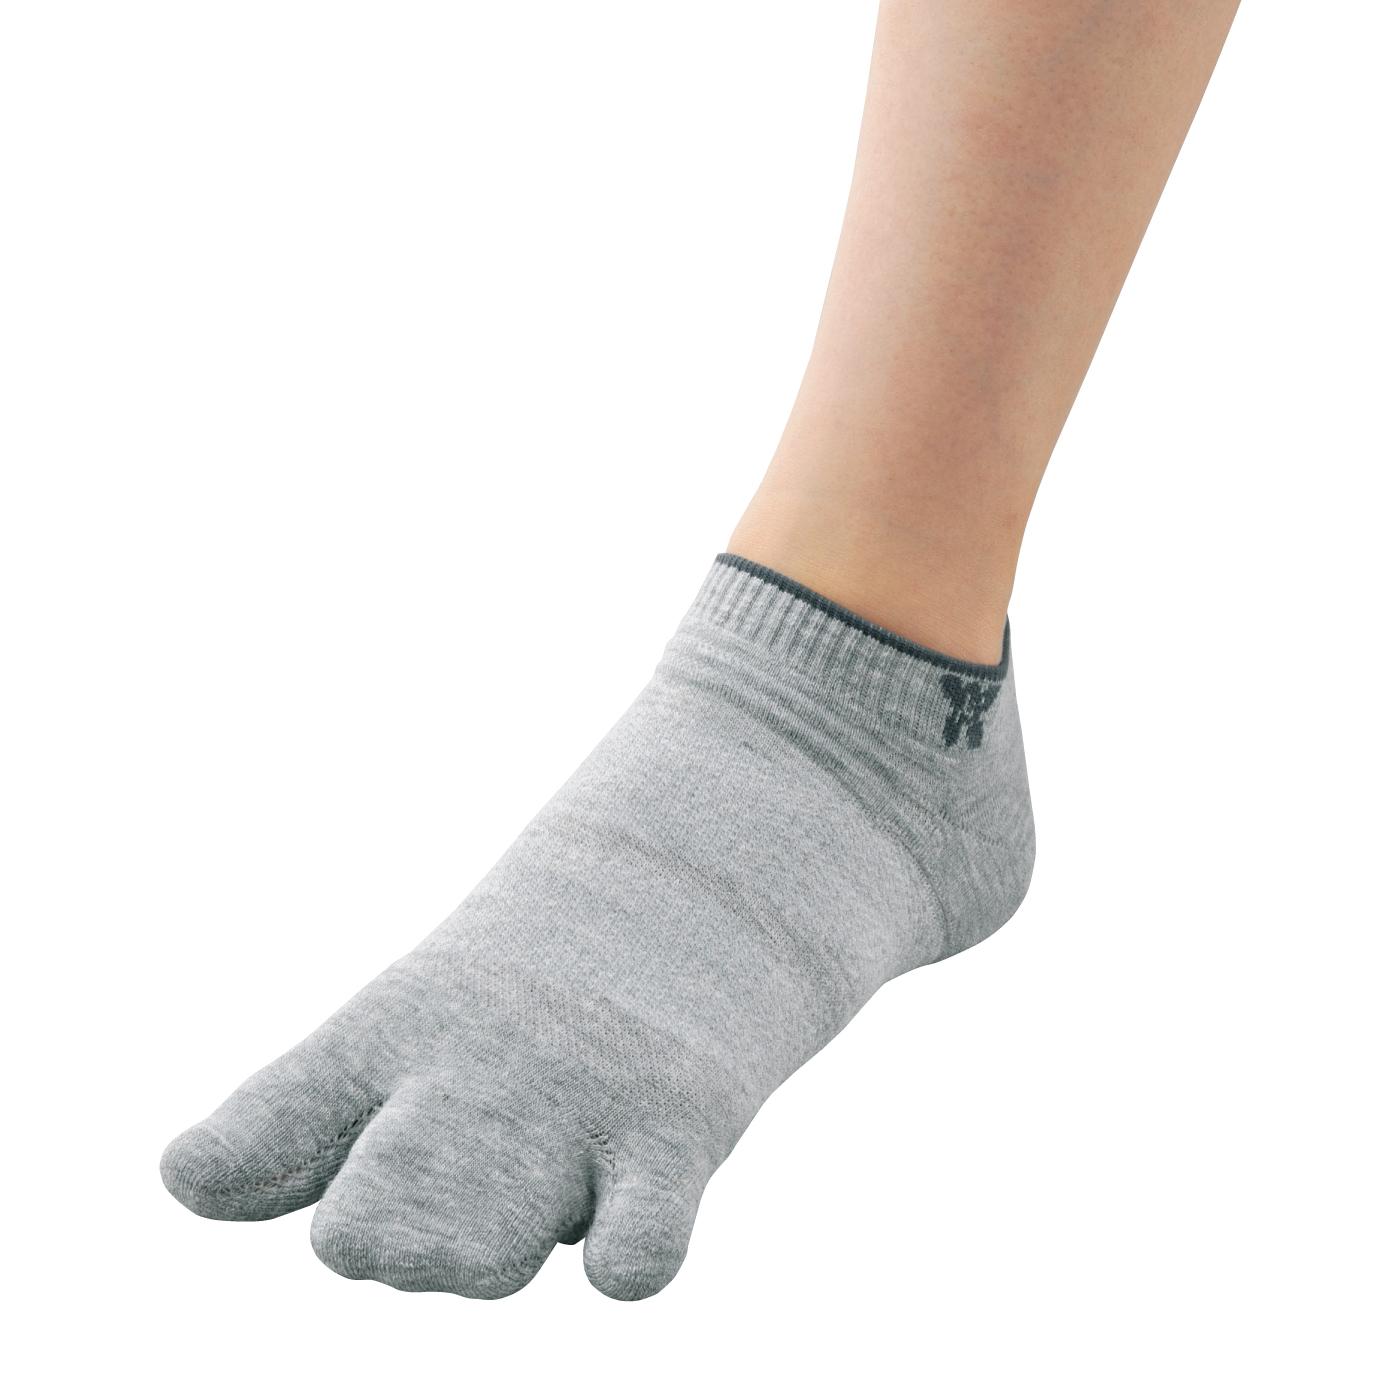 足のふんばりをサポート! 3指ソックススタンダードローカット丈【グレー】の会